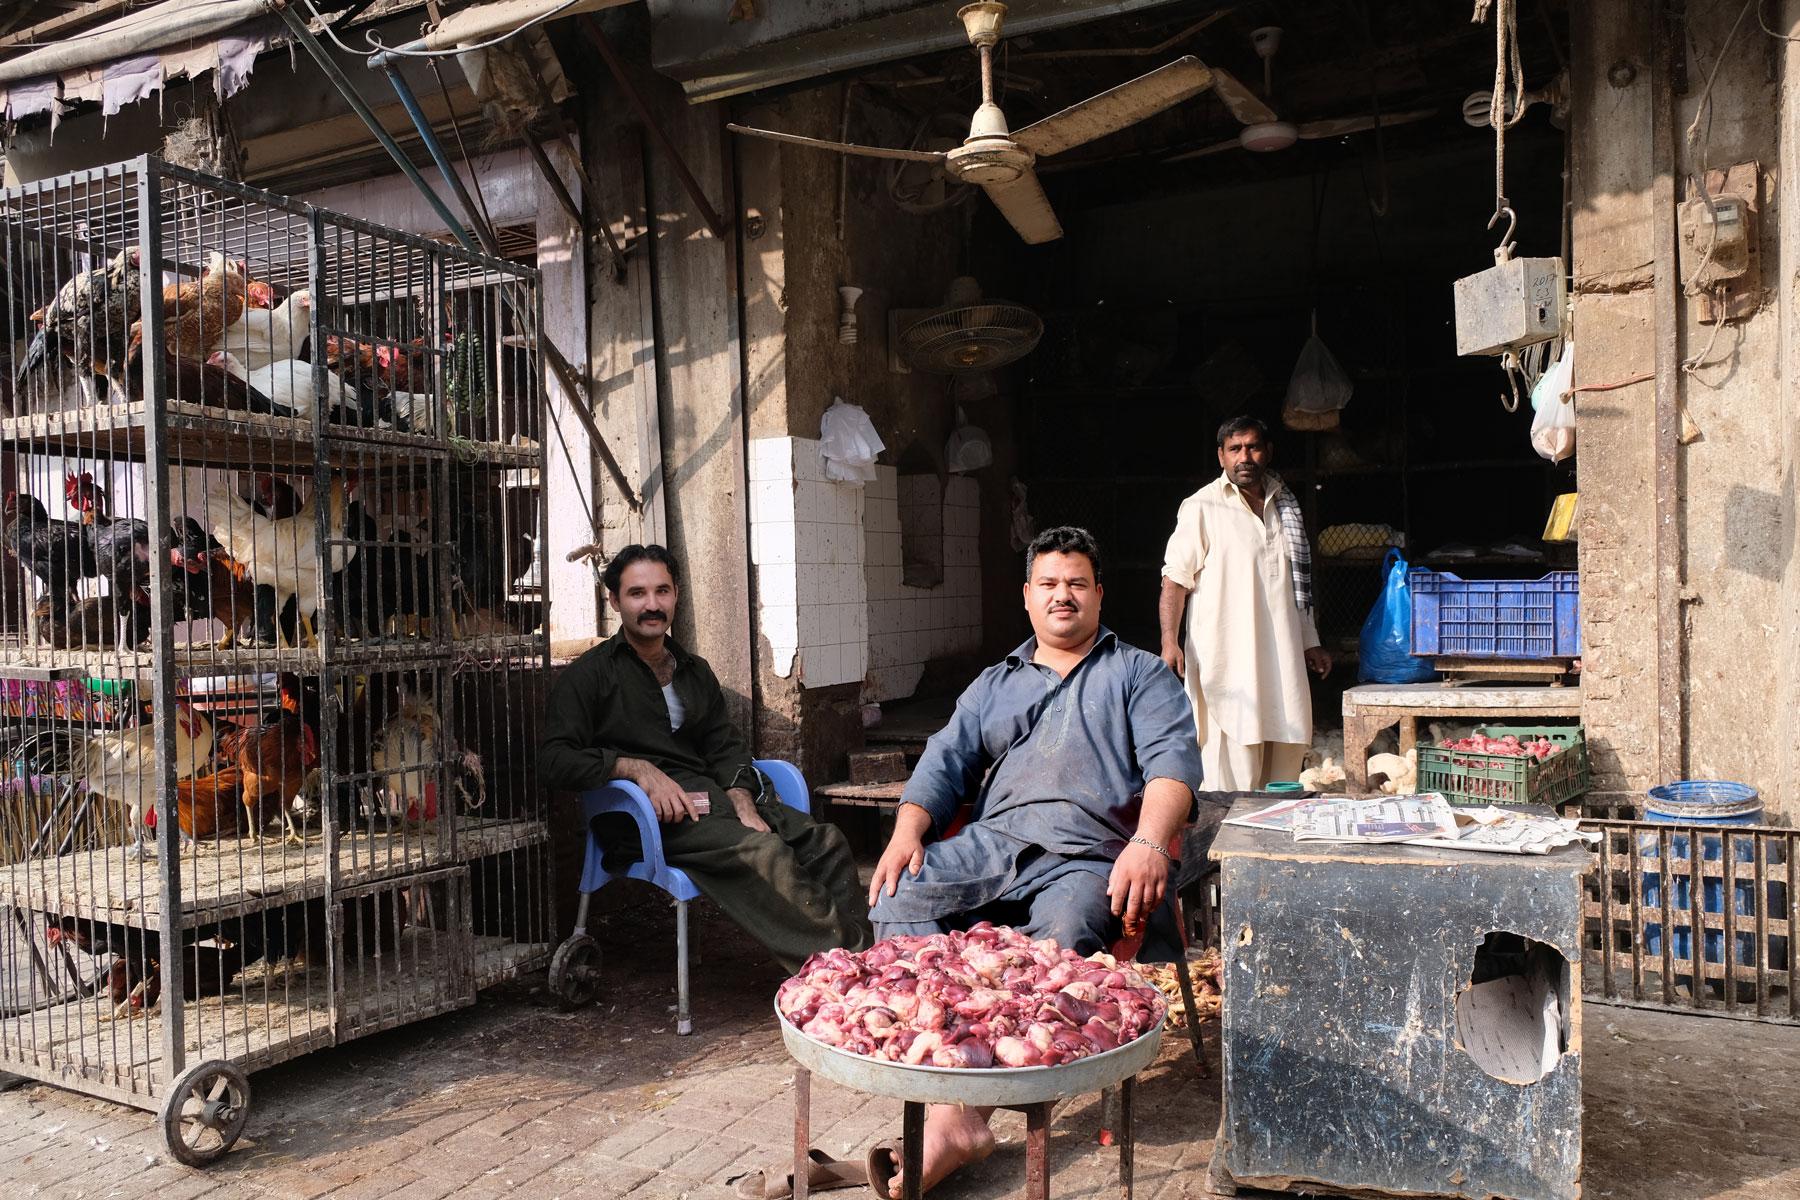 Männer sitzen an einem Straßenstand in Rawalpindi, an dem Hühnchenfleisch verkauft wird.